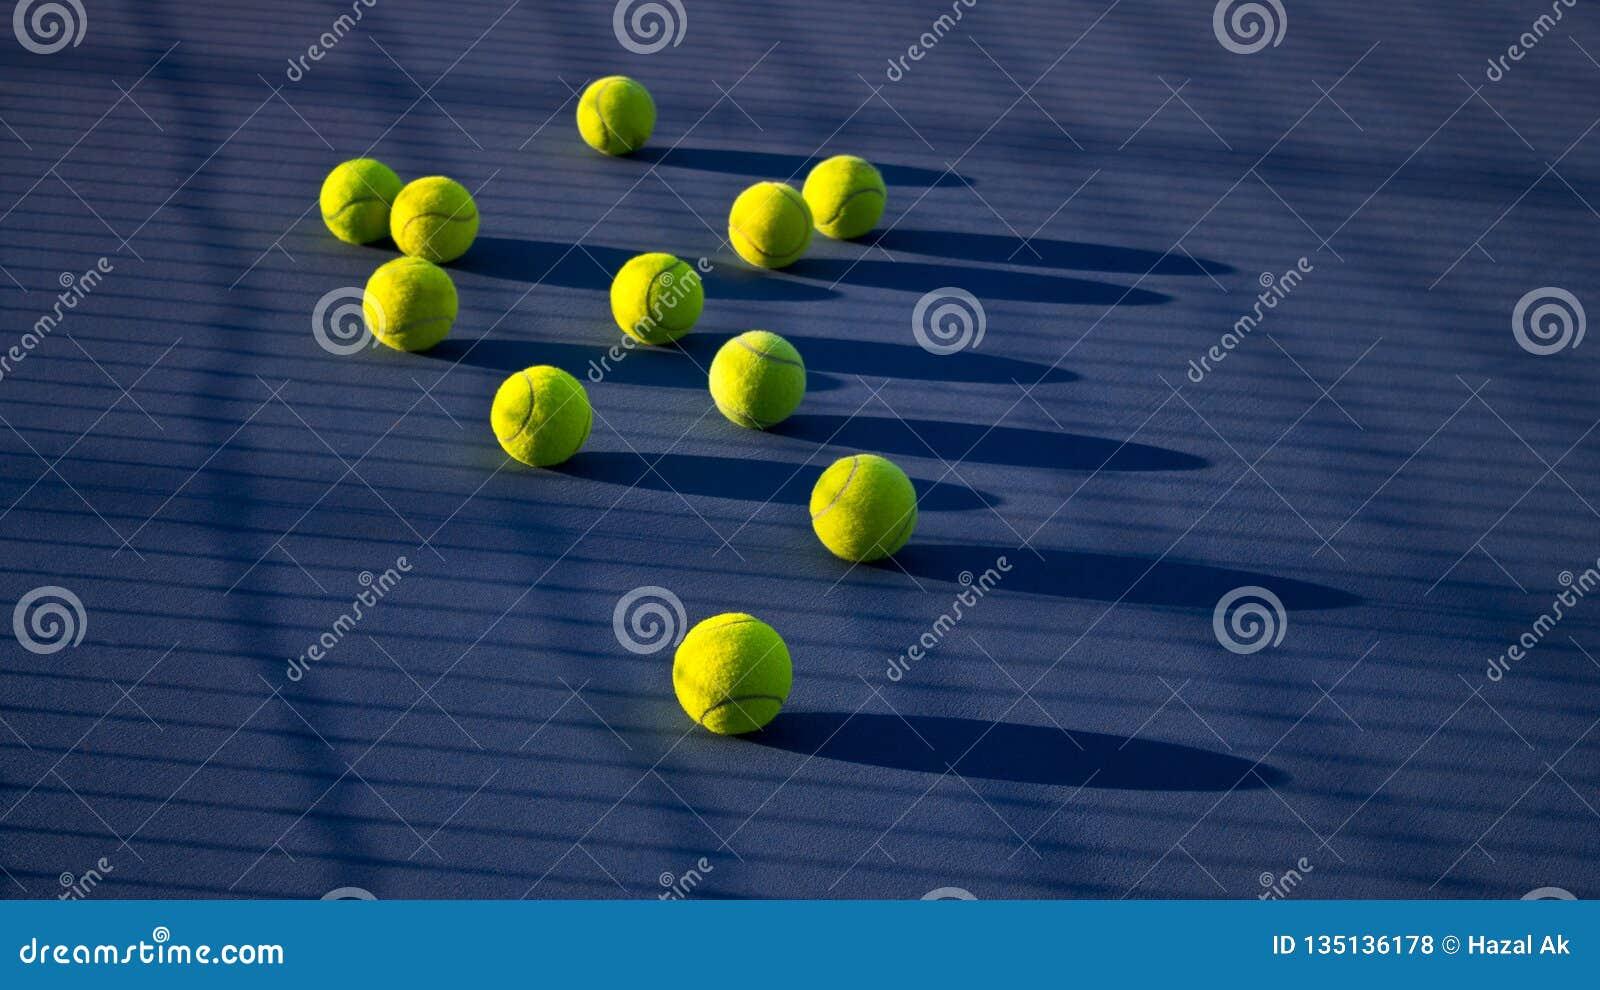 Παιχνίδι αντισφαίρισης Σφαίρα αντισφαίρισης στο γήπεδο αντισφαίρισης